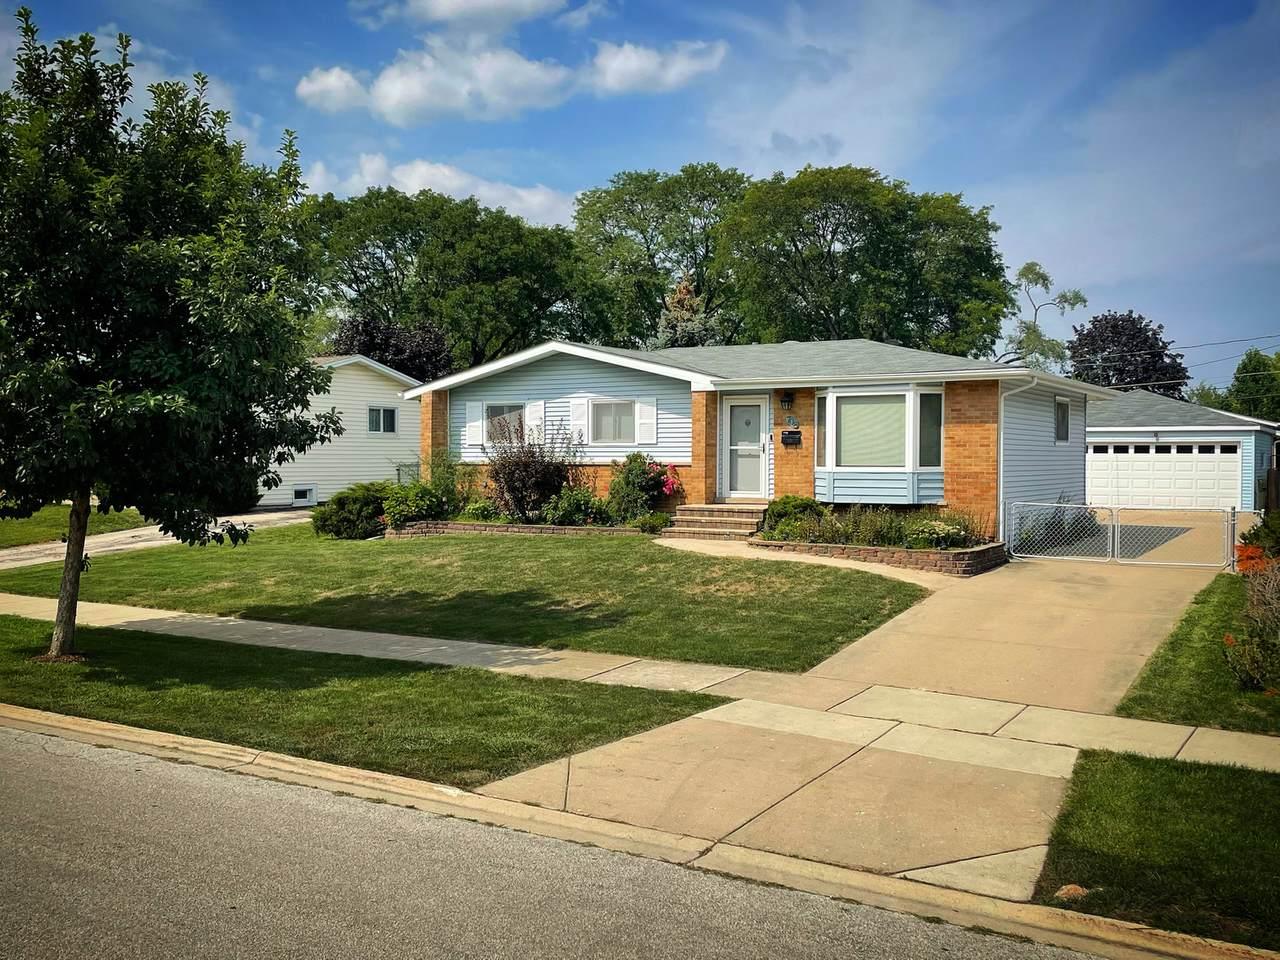 708 Greenwood Drive - Photo 1